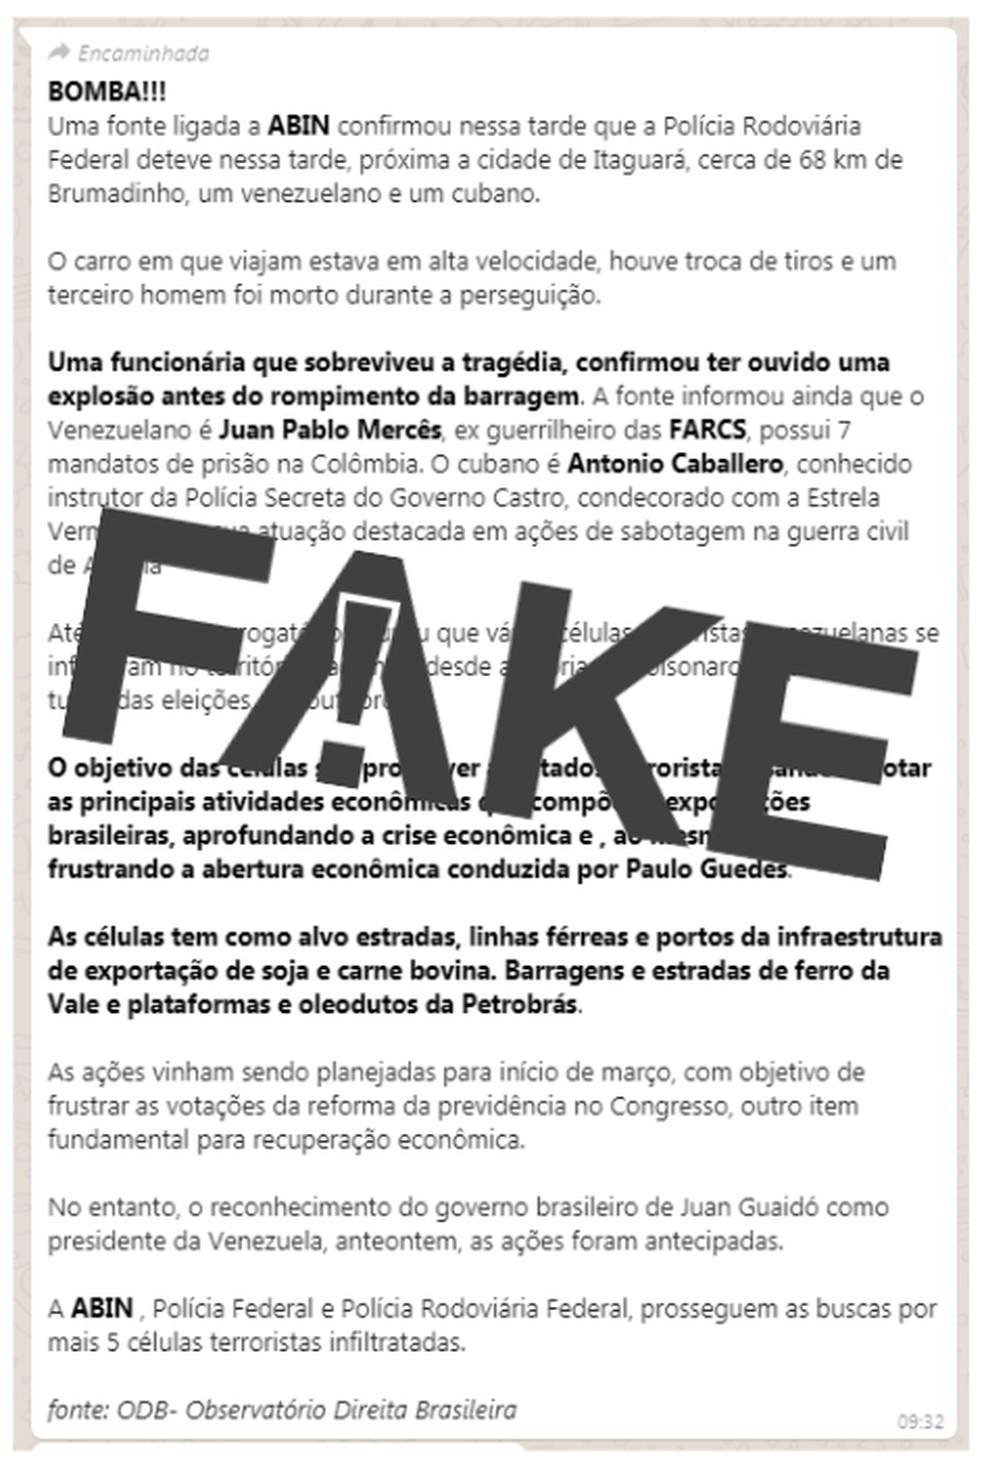 Mensagem falsa tem se alastrado na web — Foto: Reprodução